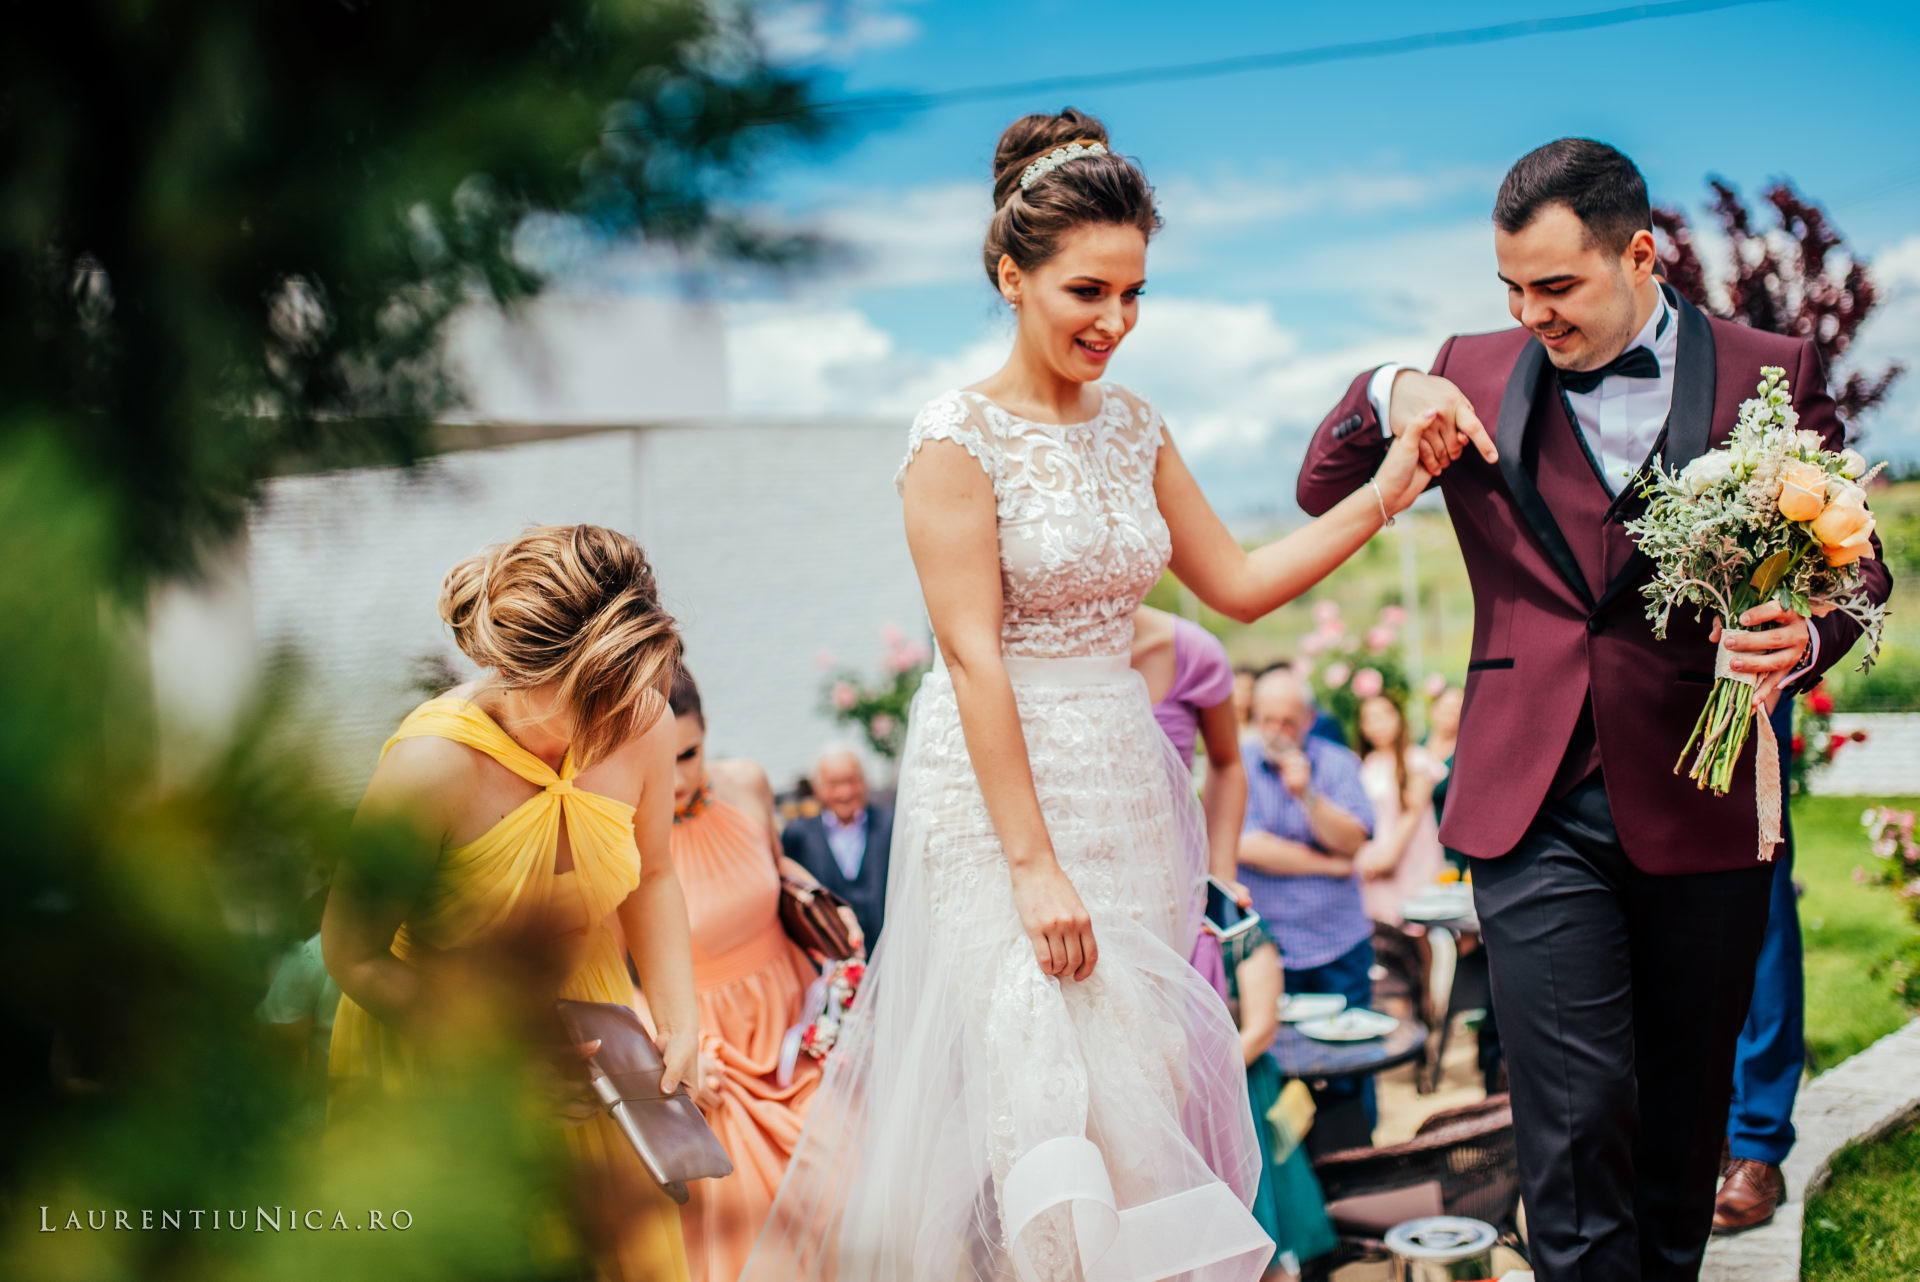 denisa si catalin fotograf nunta laurentiu nica craiova 25 - Denisa si Catalin | Fotografii nunta | Craiova